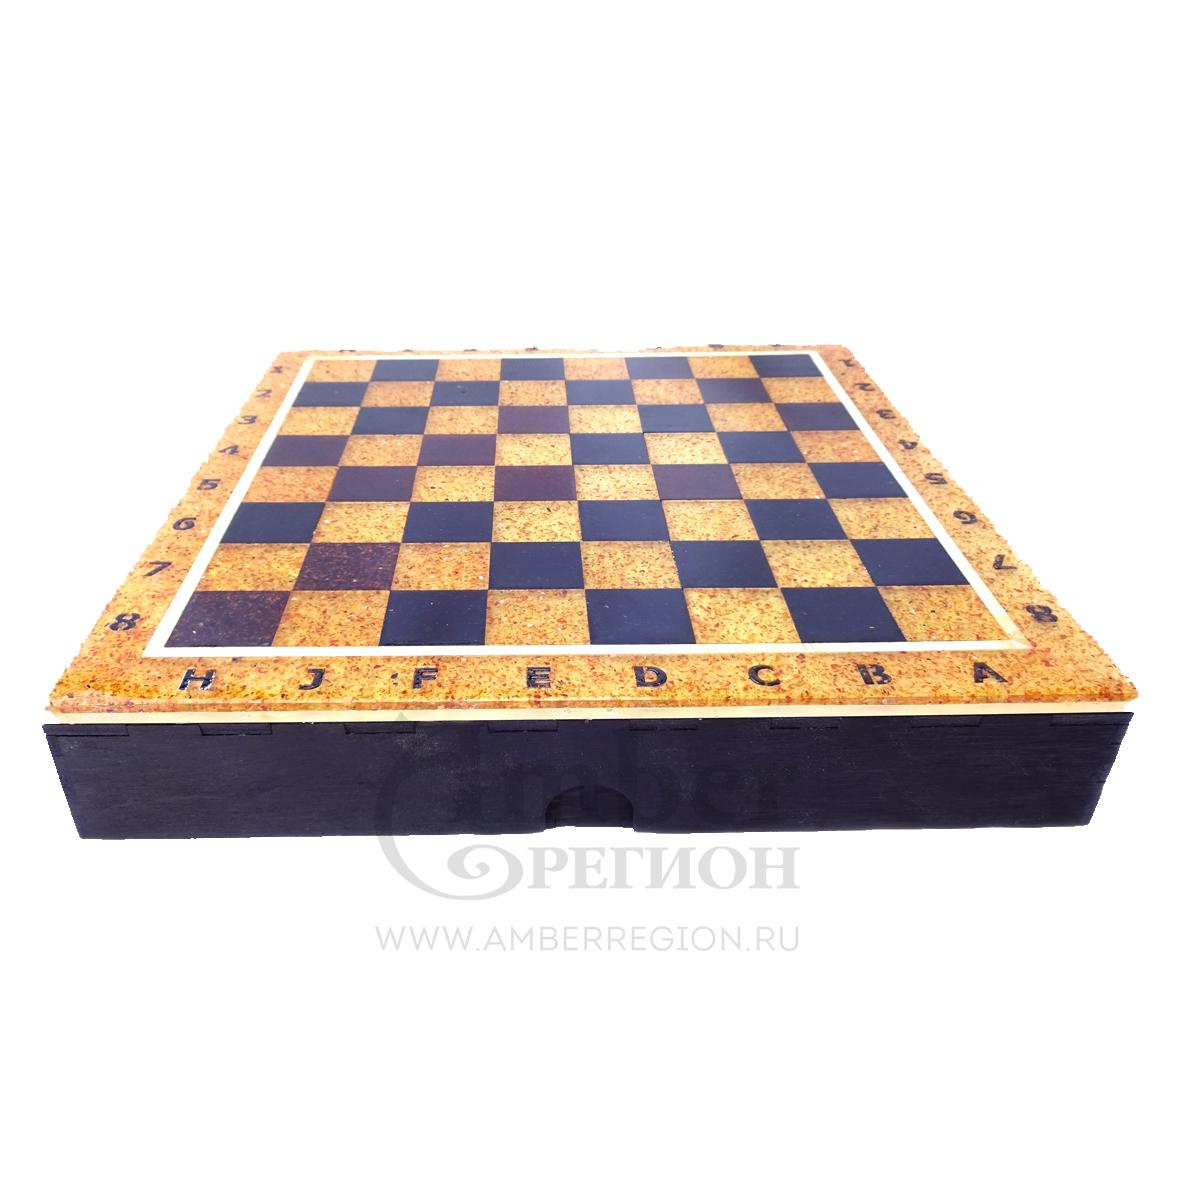 Янтарная шахматная доска-коробка 25*25 см (дуб) 3 шт.